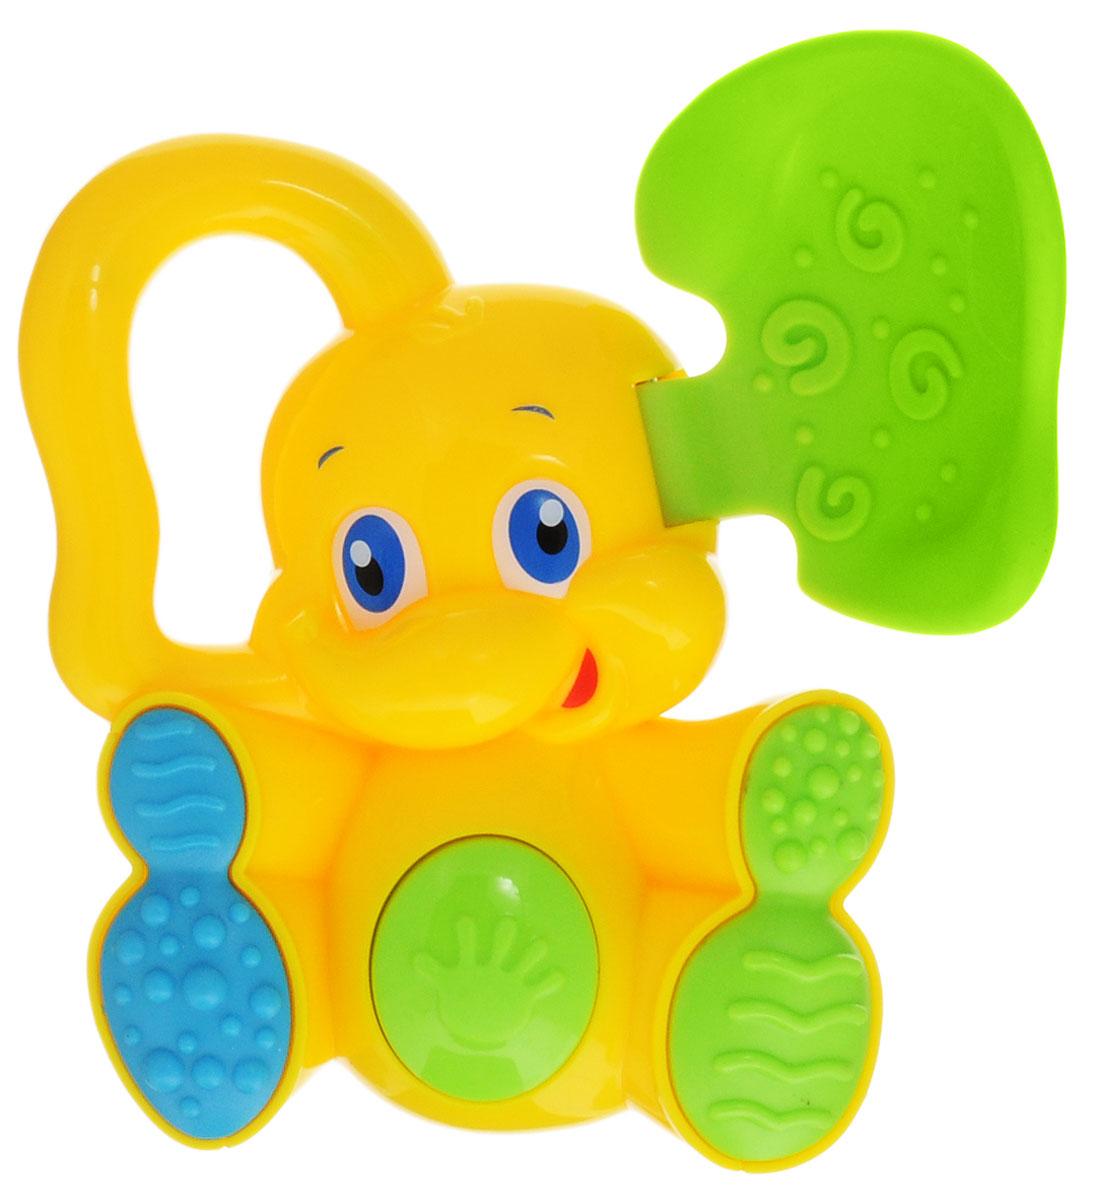 Bondibon Погремушка Слоненок с прорезывателем цвет желтый зеленый, Bondibon Creatures Co., LTD